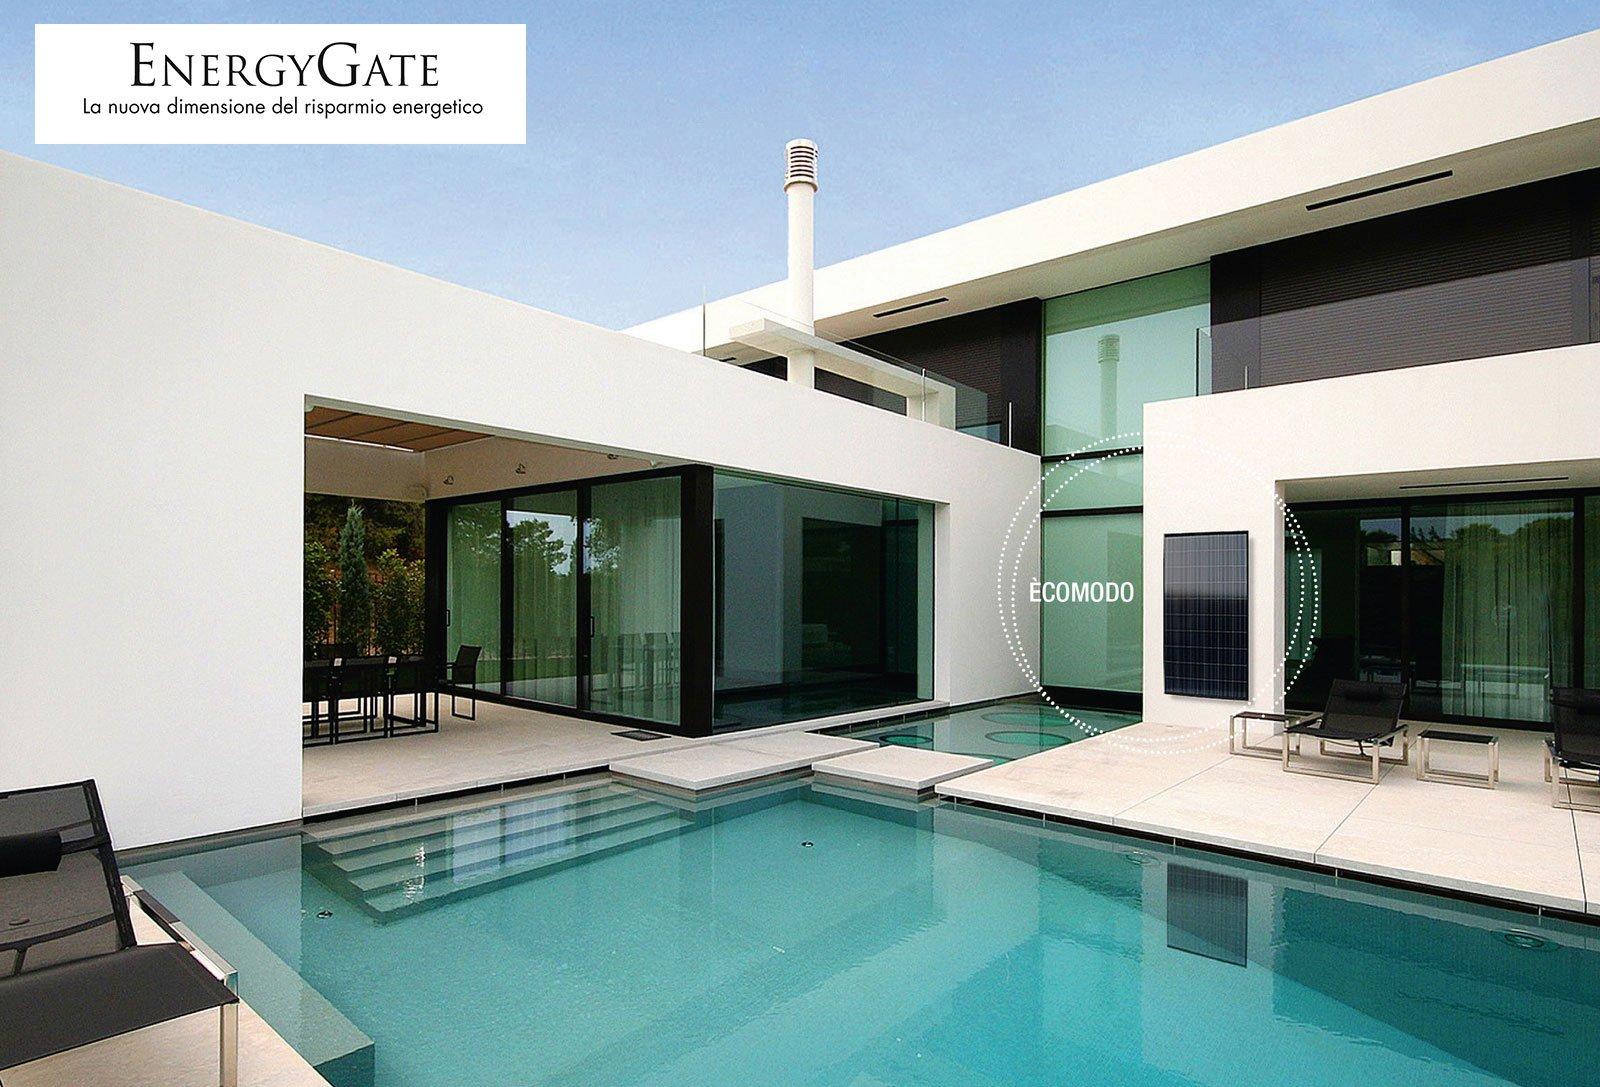 Energygate un risparmio energetico evoluto cose di casa - Risparmio energetico casa ...